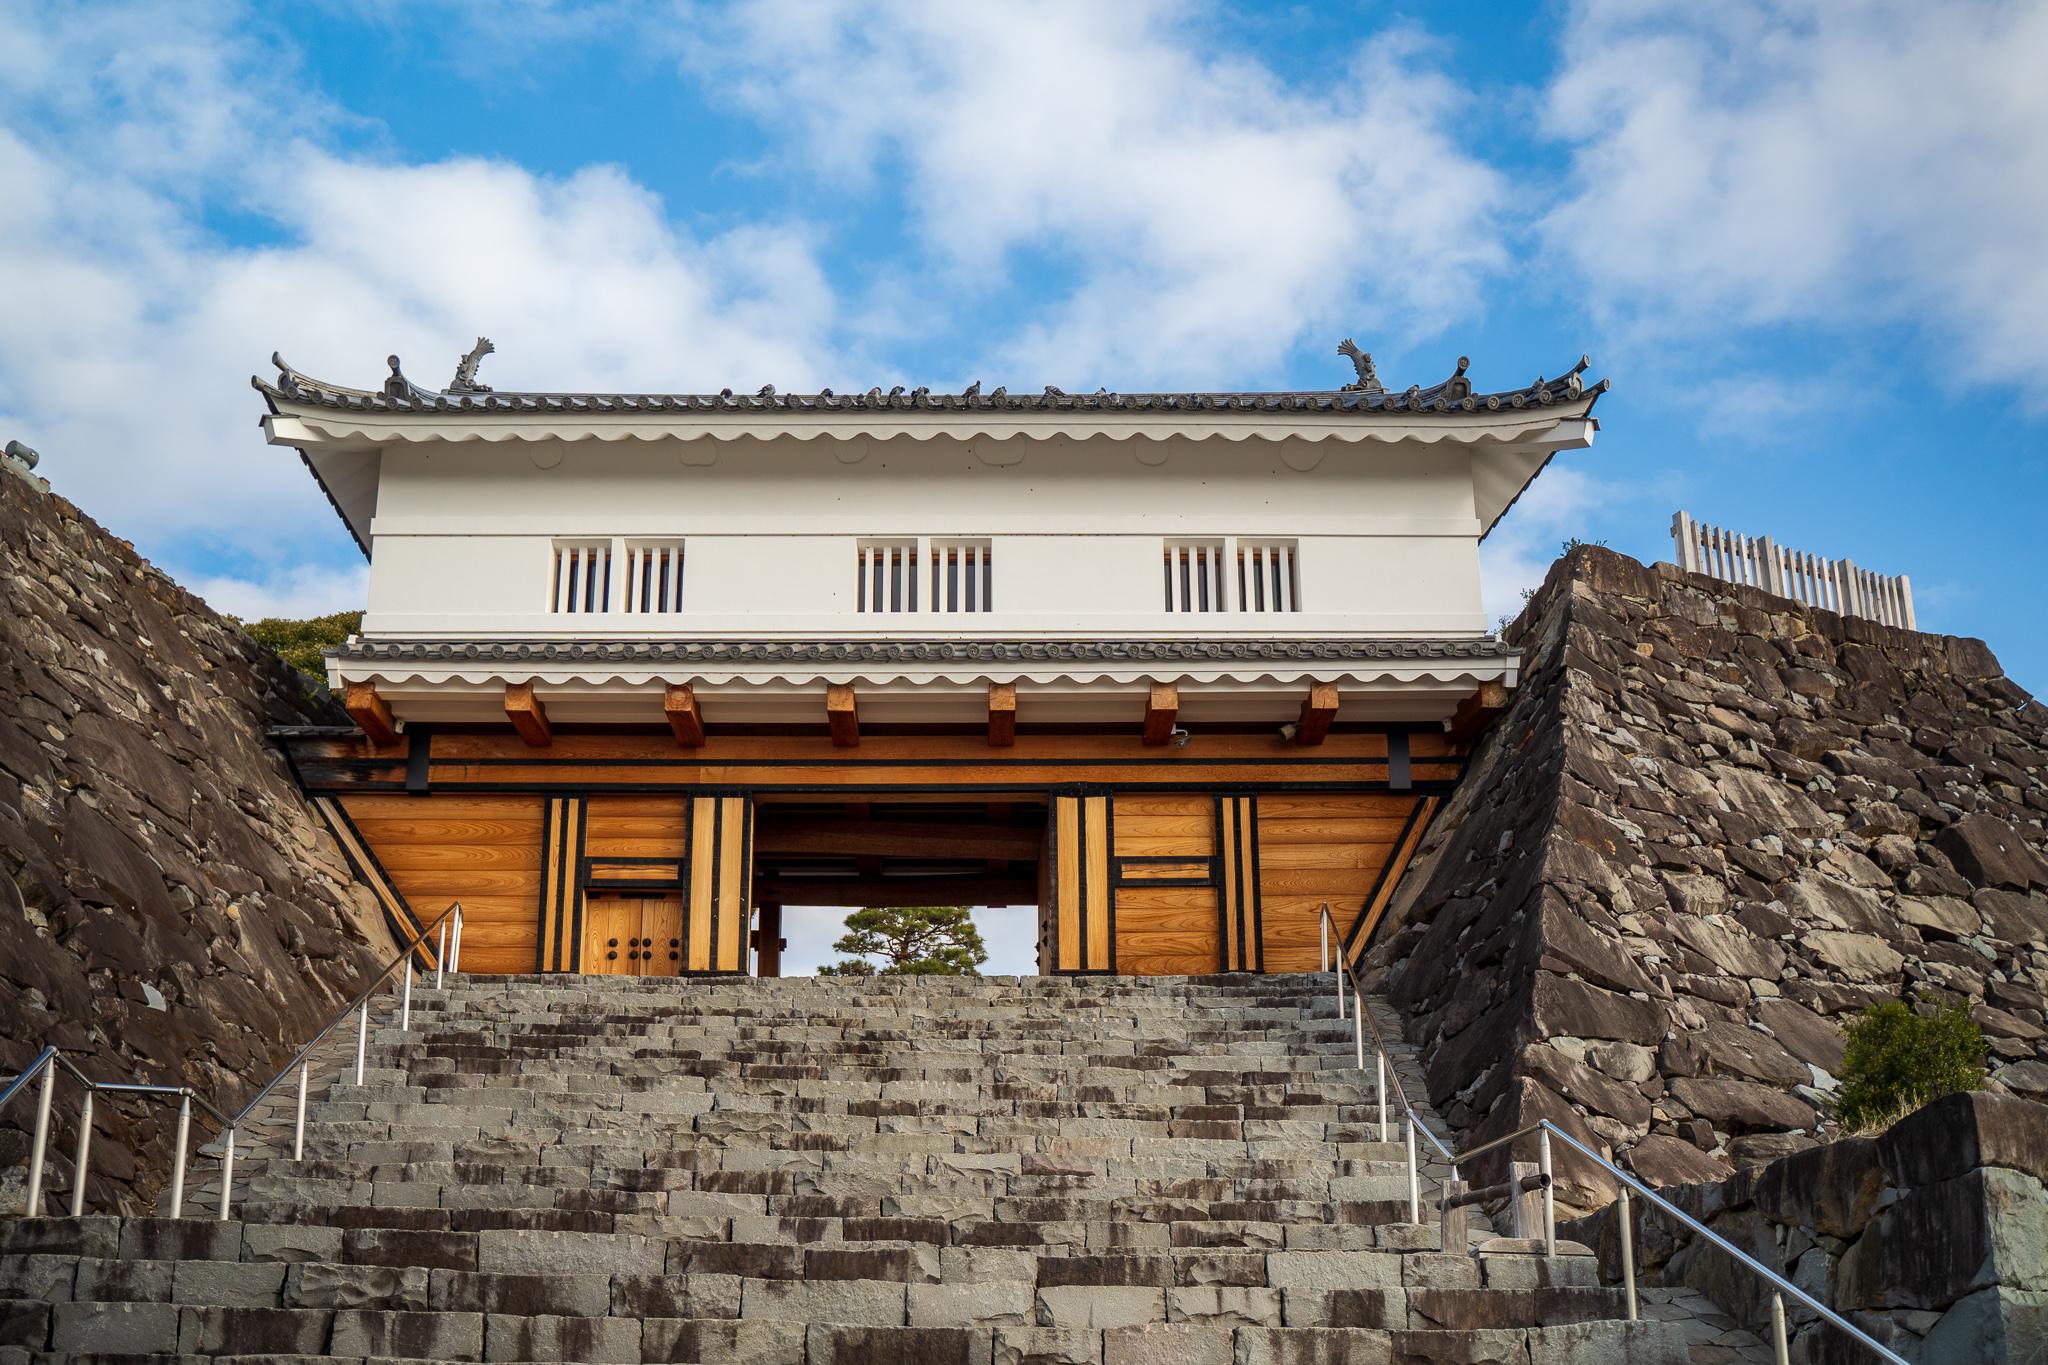 山梨県『甲府城』を120%楽しむ観光ガイド(写真スポット・アクセス・スタンプ・駐車場)を徹底紹介